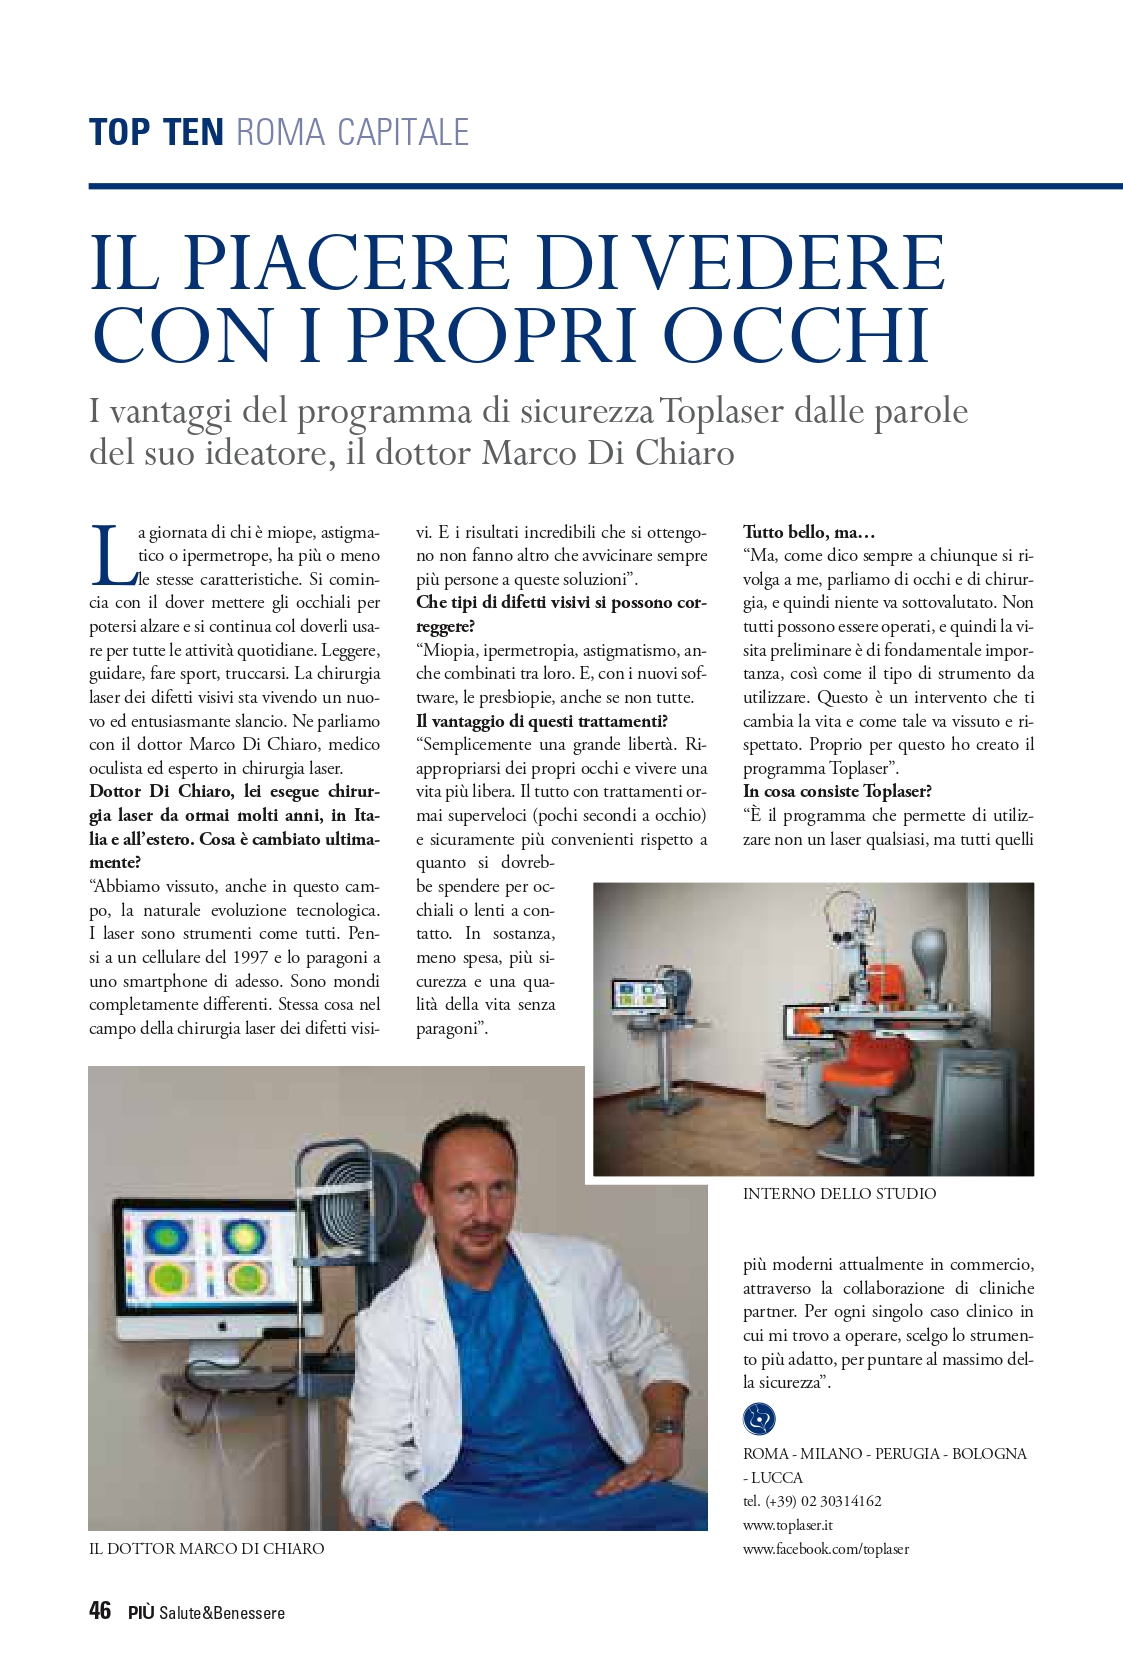 LR_093 roma capitale DOTT MARCO DI CHIARO_page-0001